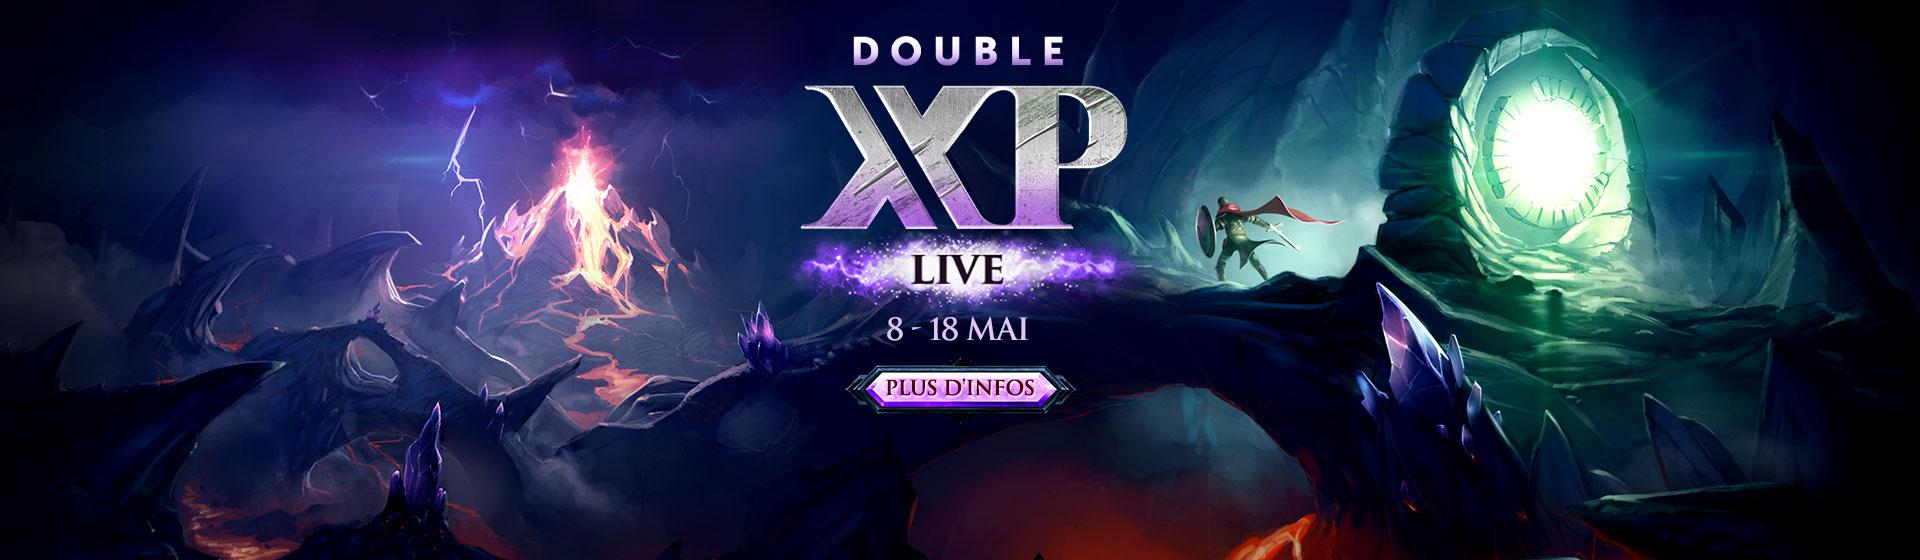 DOUBLE XP LIVE